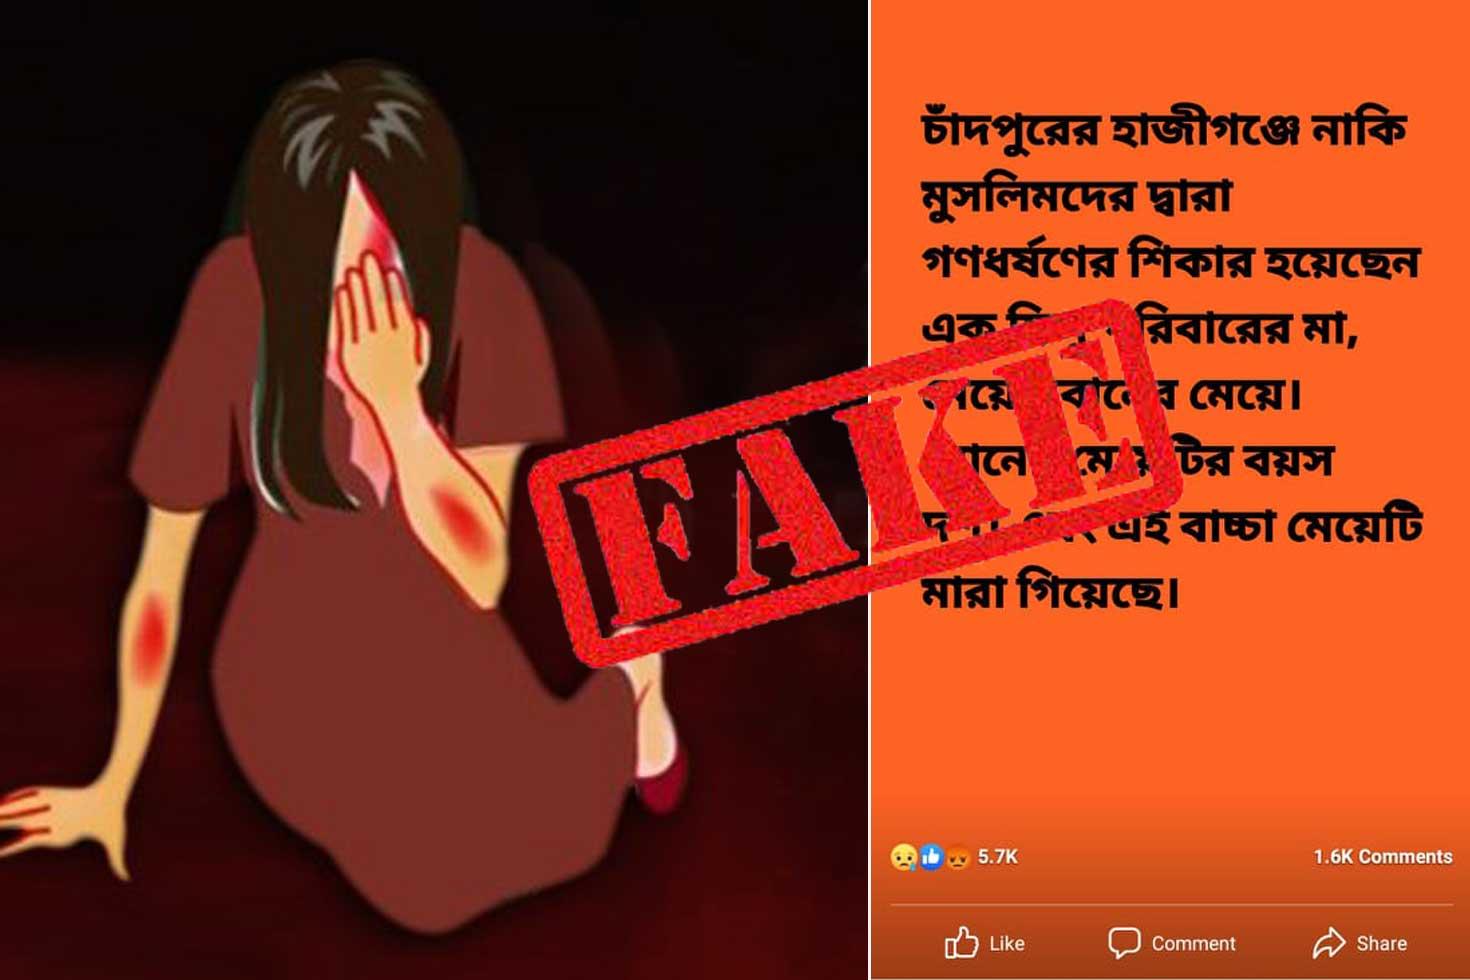 শিশুসহ ৩ নারীকে সংঘবদ্ধ ধর্ষণের তথ্য 'ভুয়া'